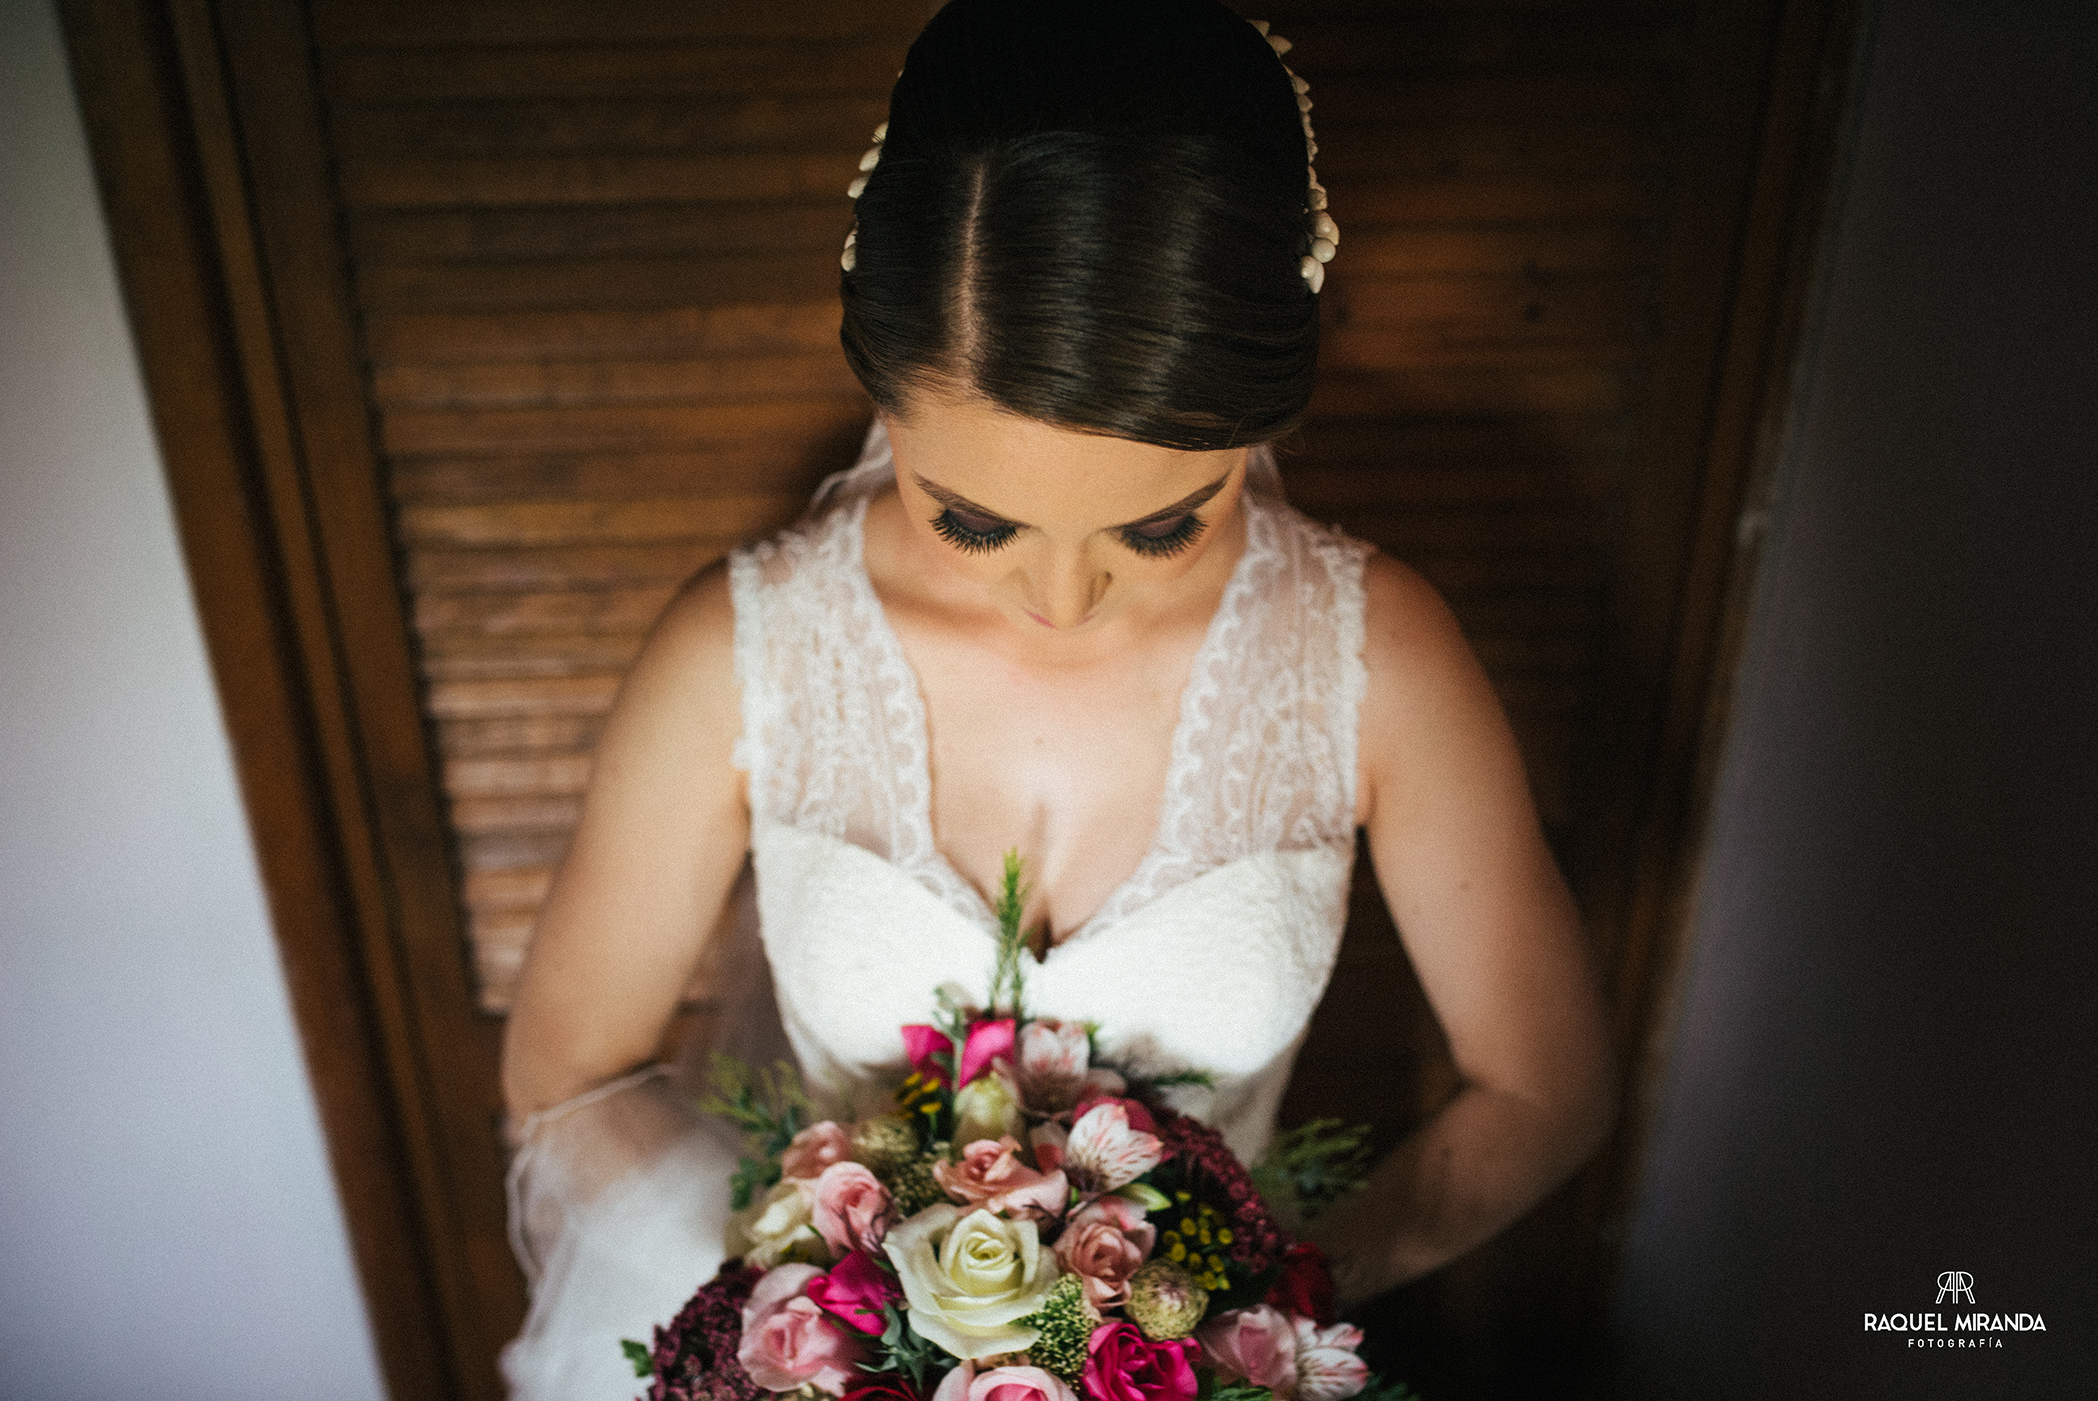 raquel miranda fotografía - wedding - edith&meño-3.jpg